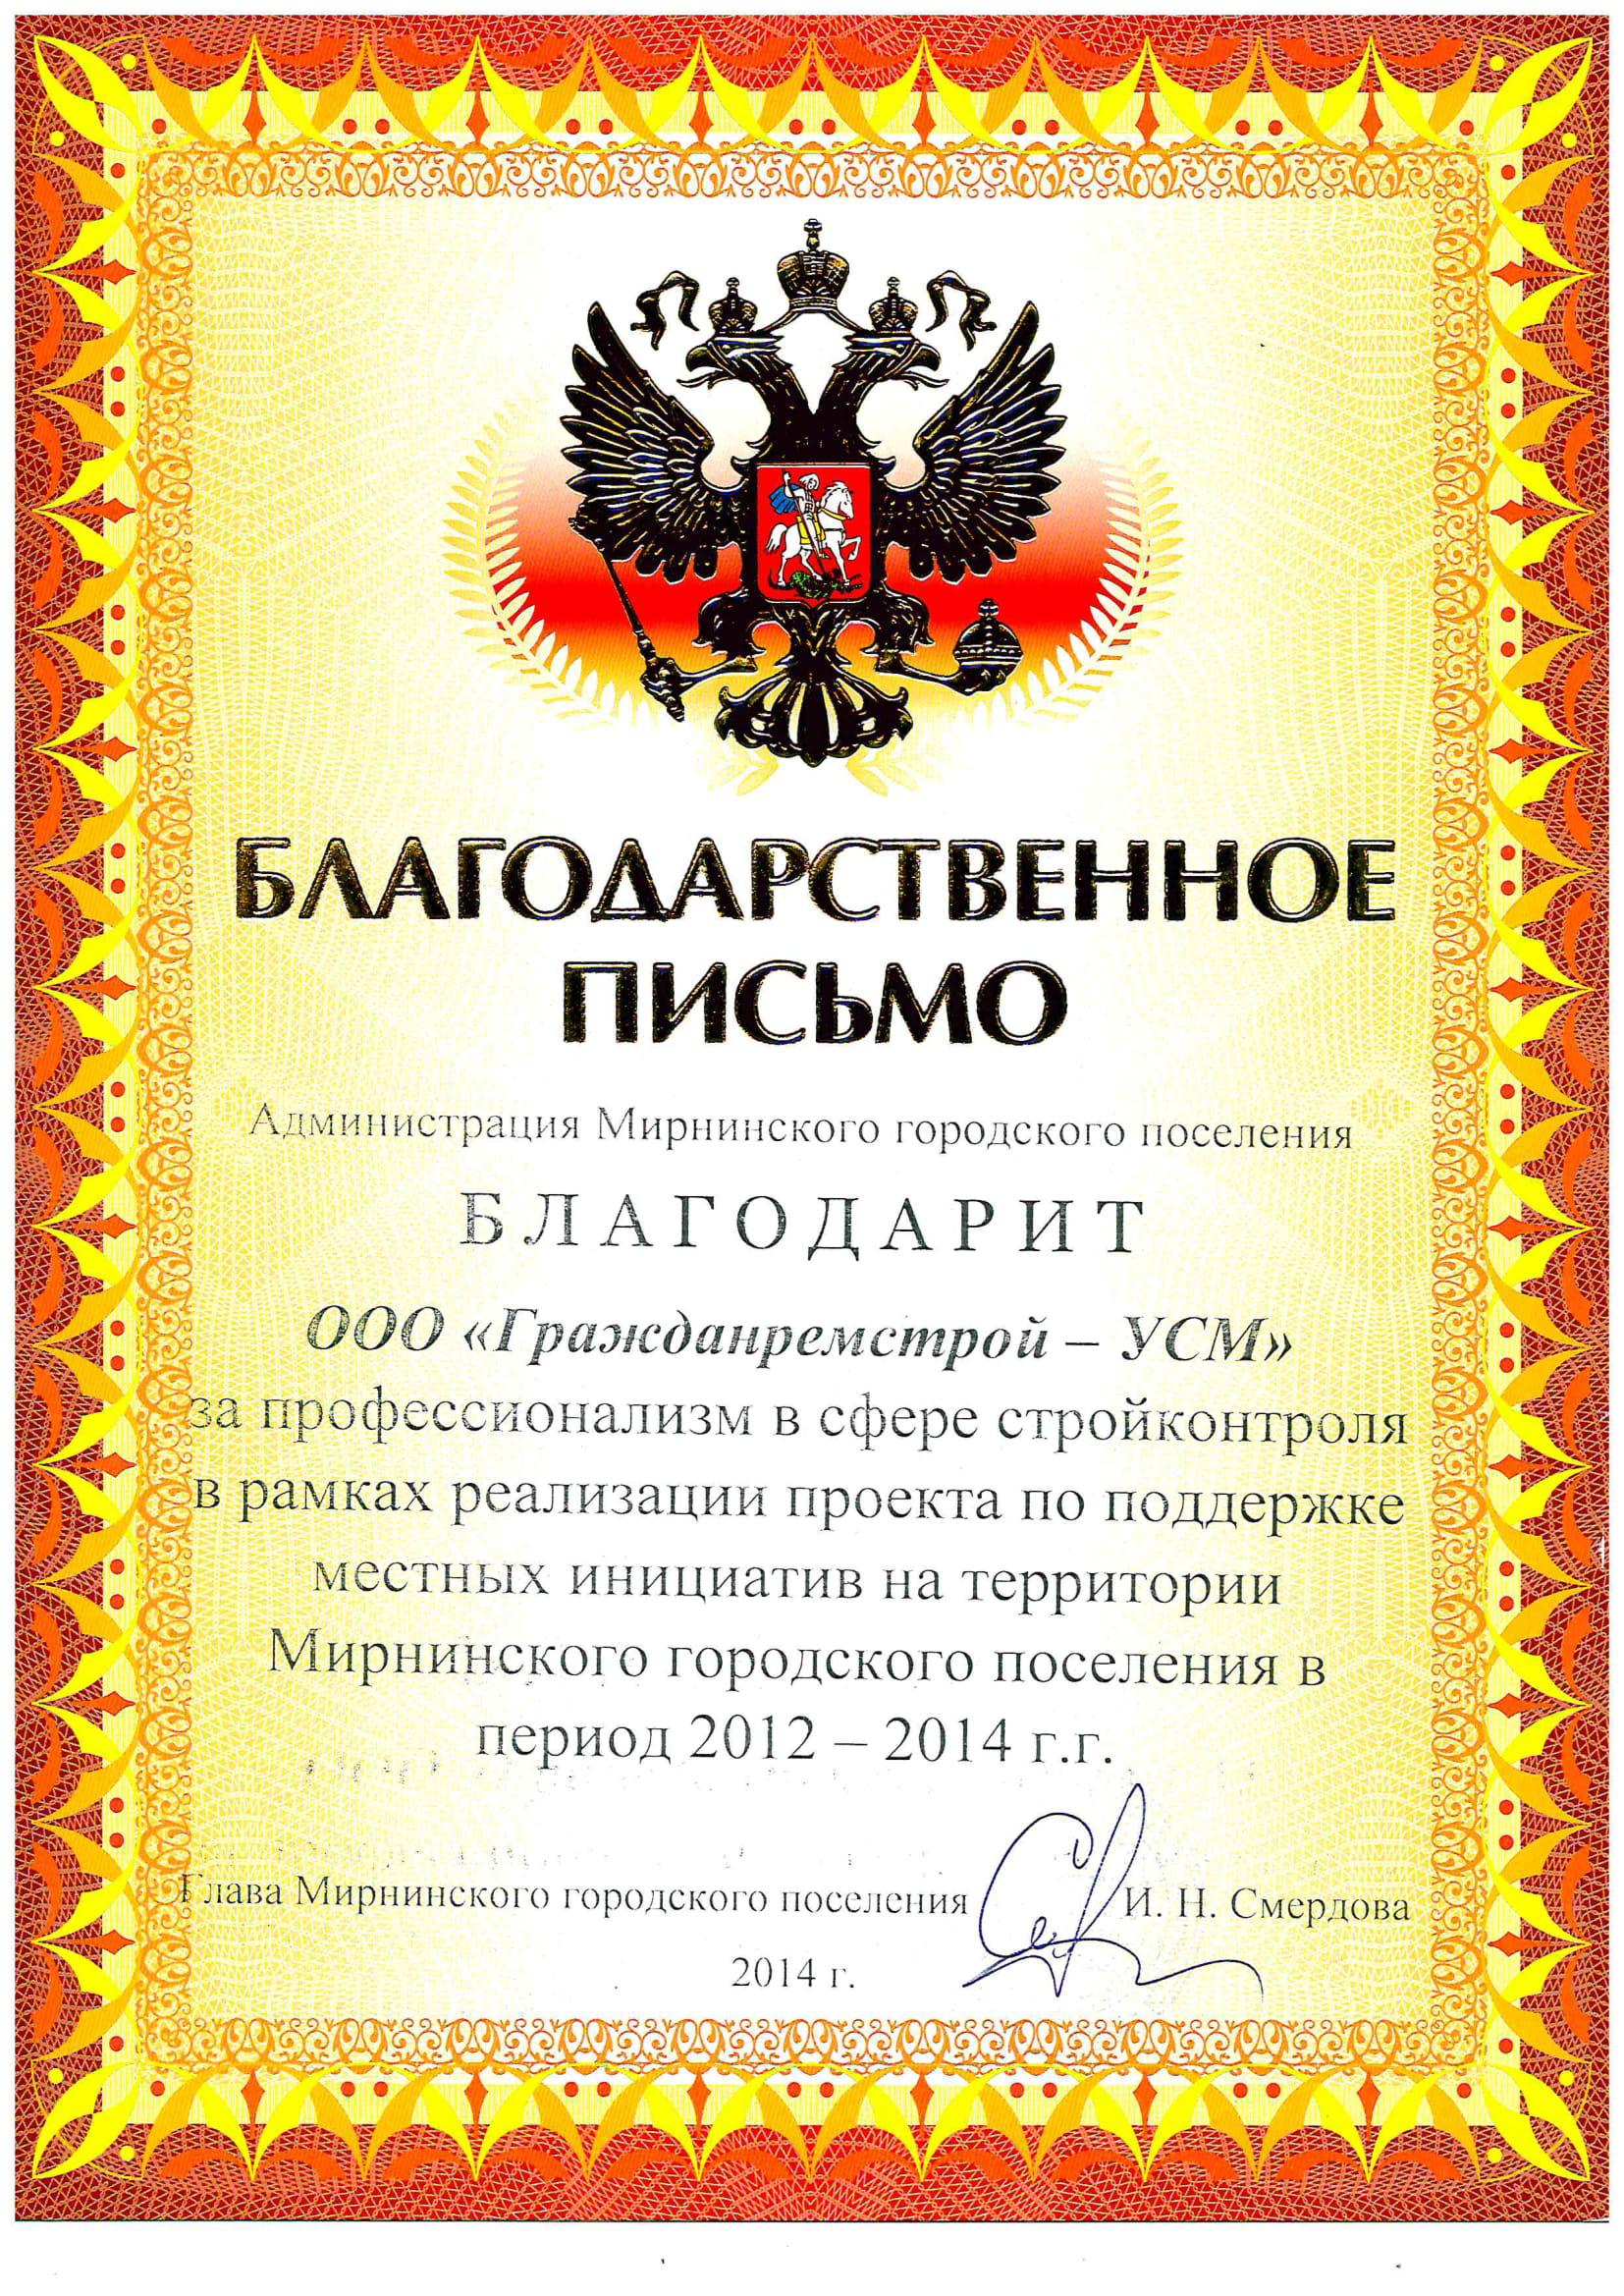 Администрация Мирнинского городского поселения, благодарственное письмо